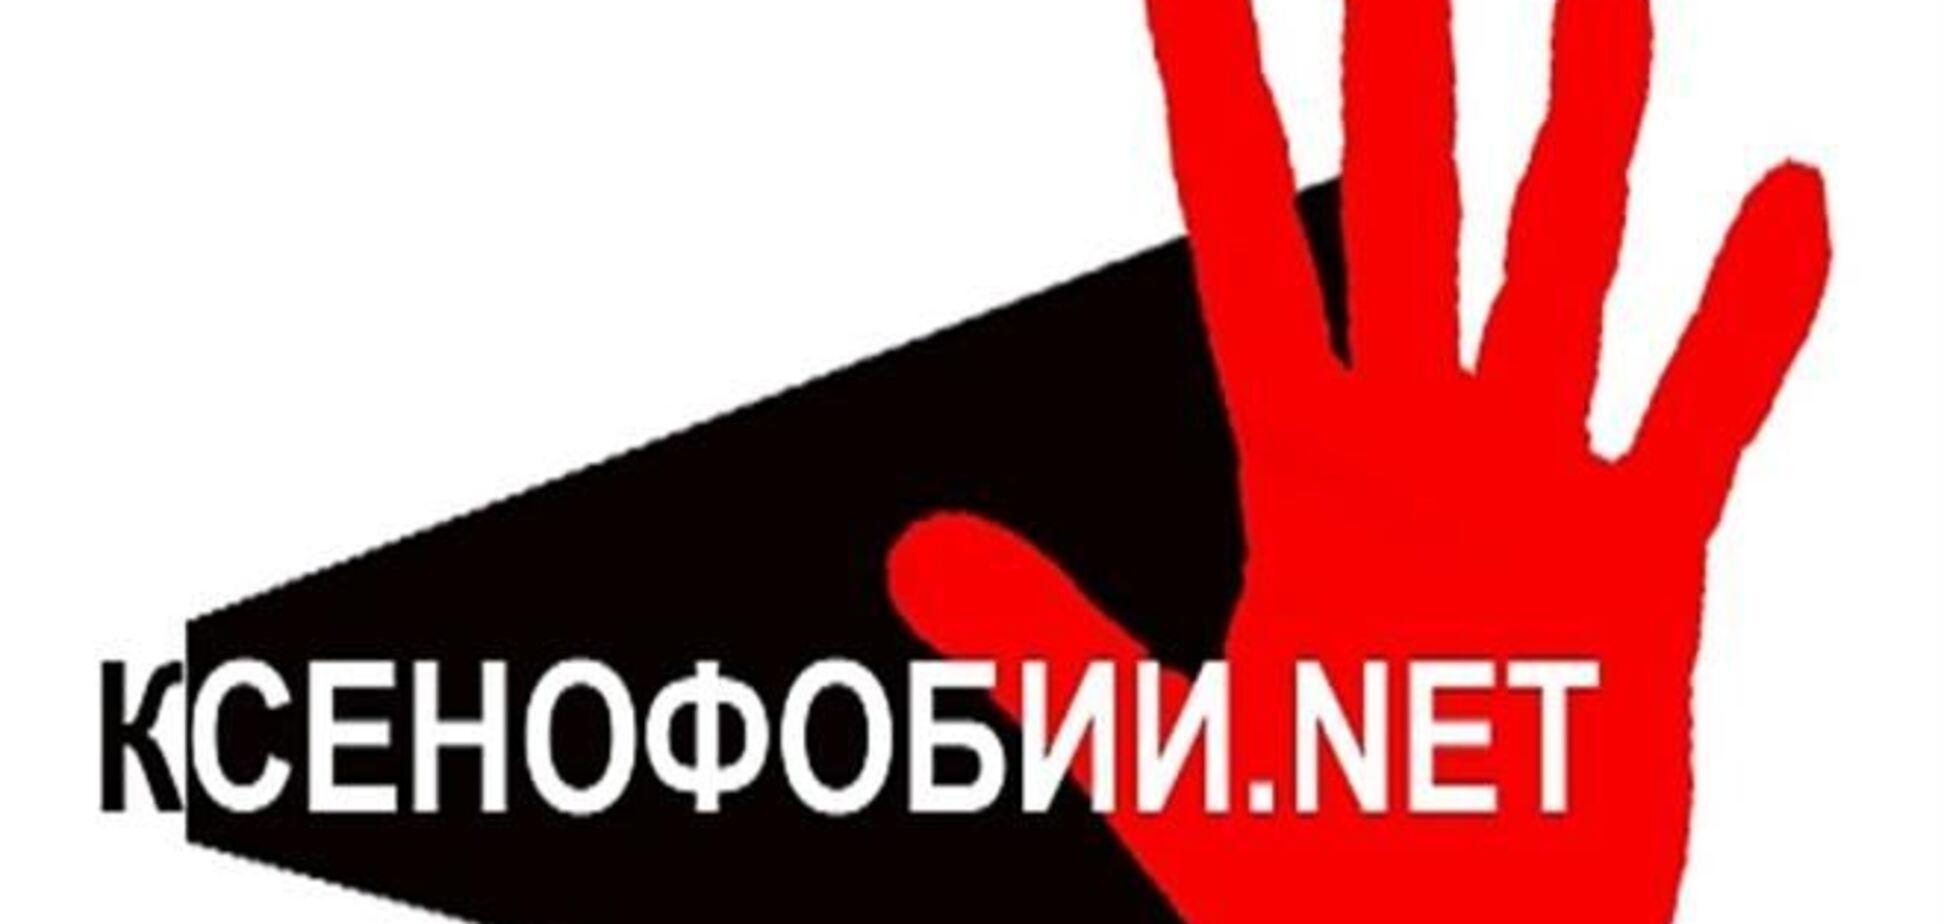 Поляки напали на українця через його національність